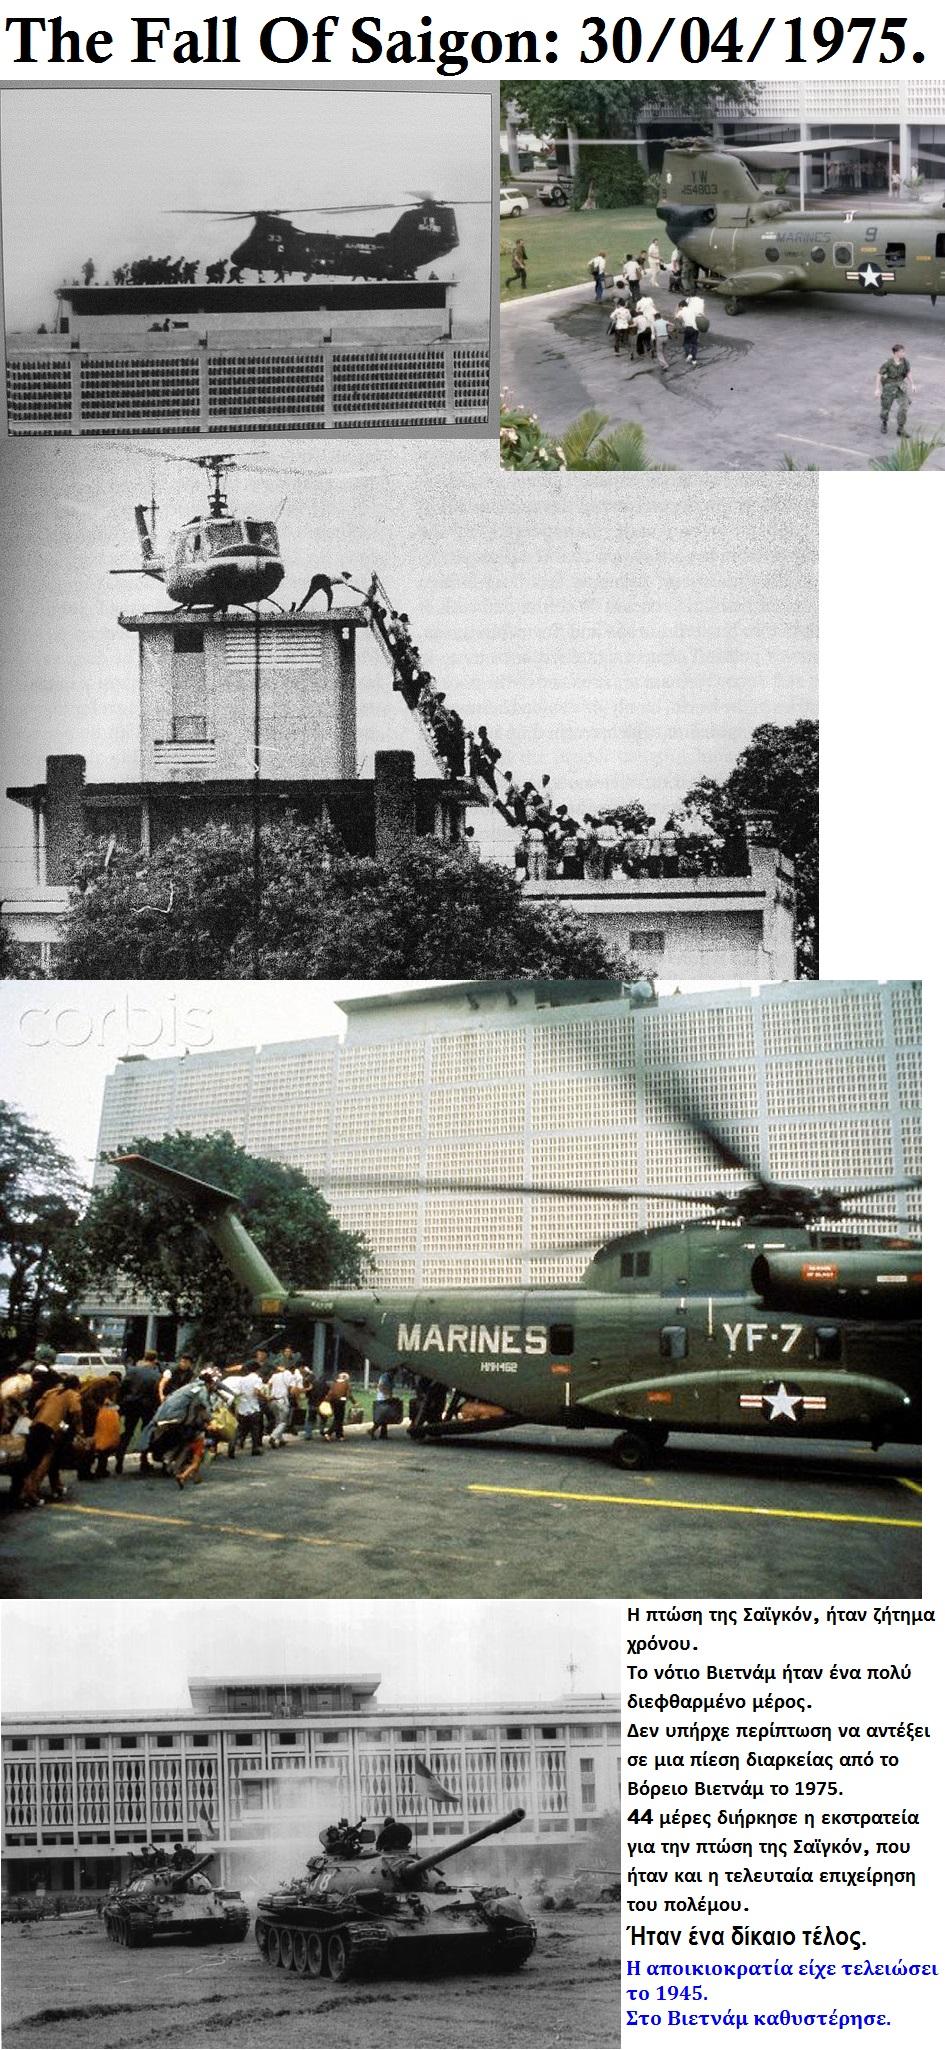 VIETNAM THE FALL OF SAIGON 30 04 1975 01 300415